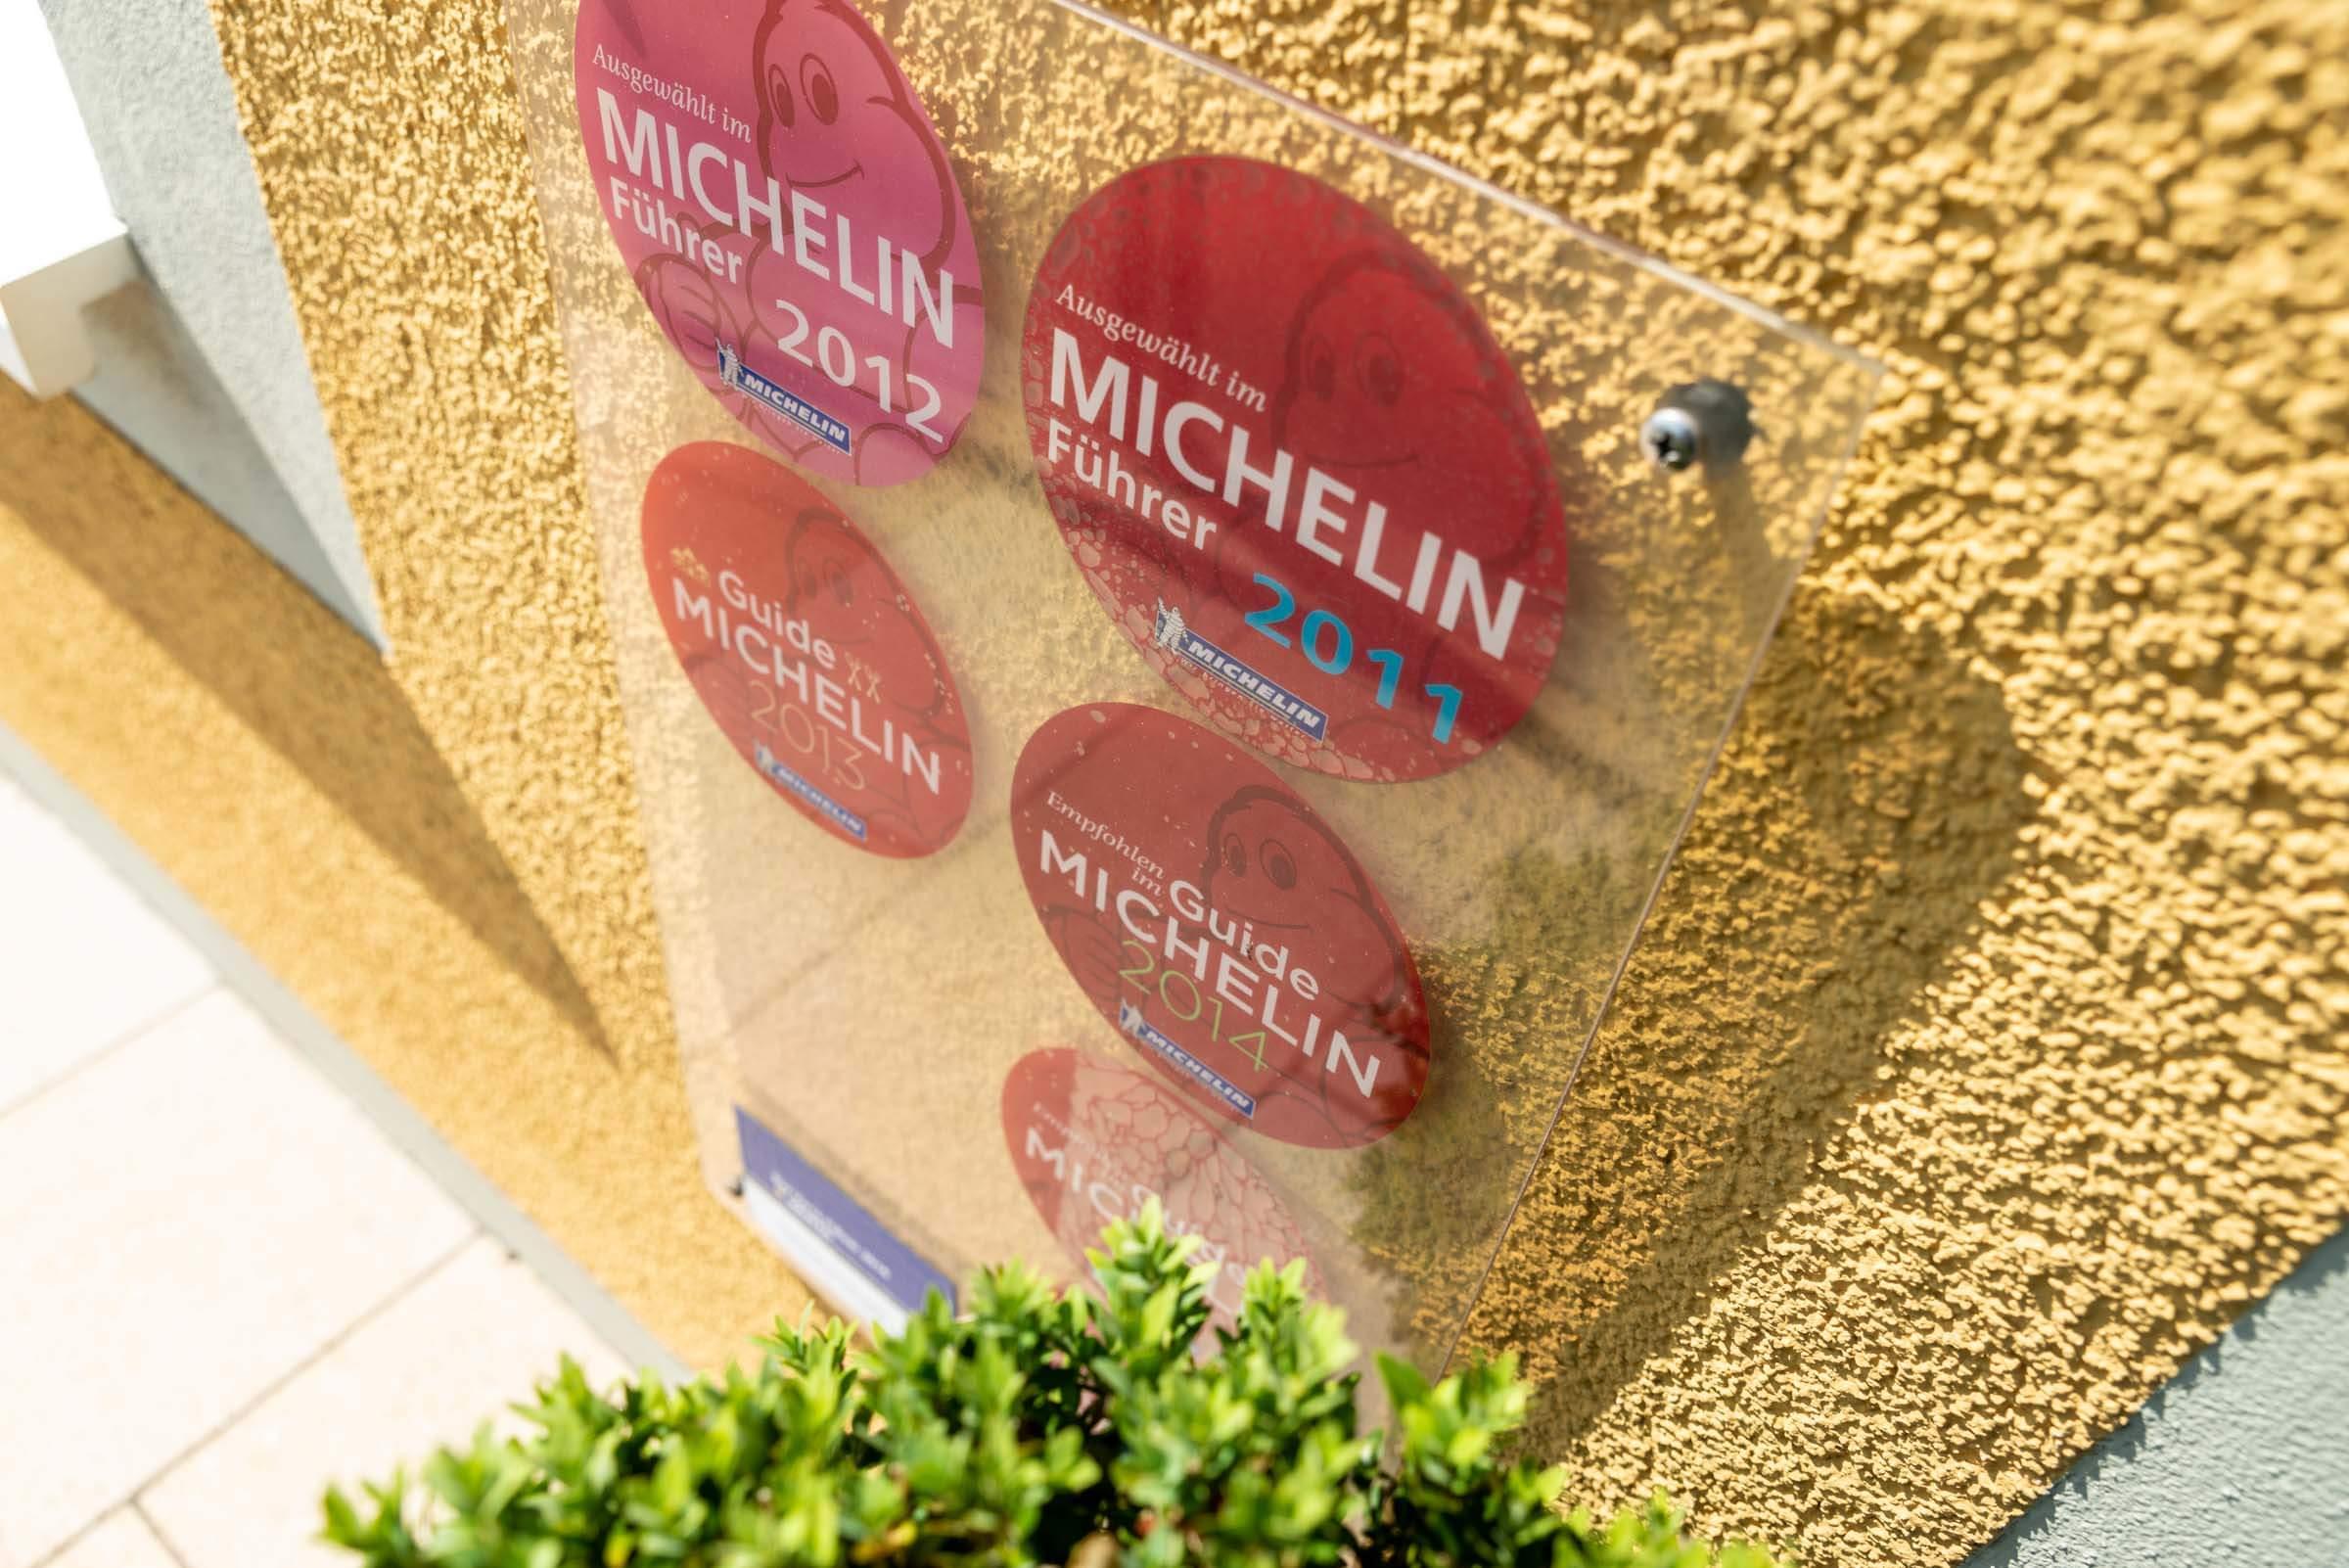 Landhotel Klozbücher Ellwangen-Eggenrot Auszeichnungen